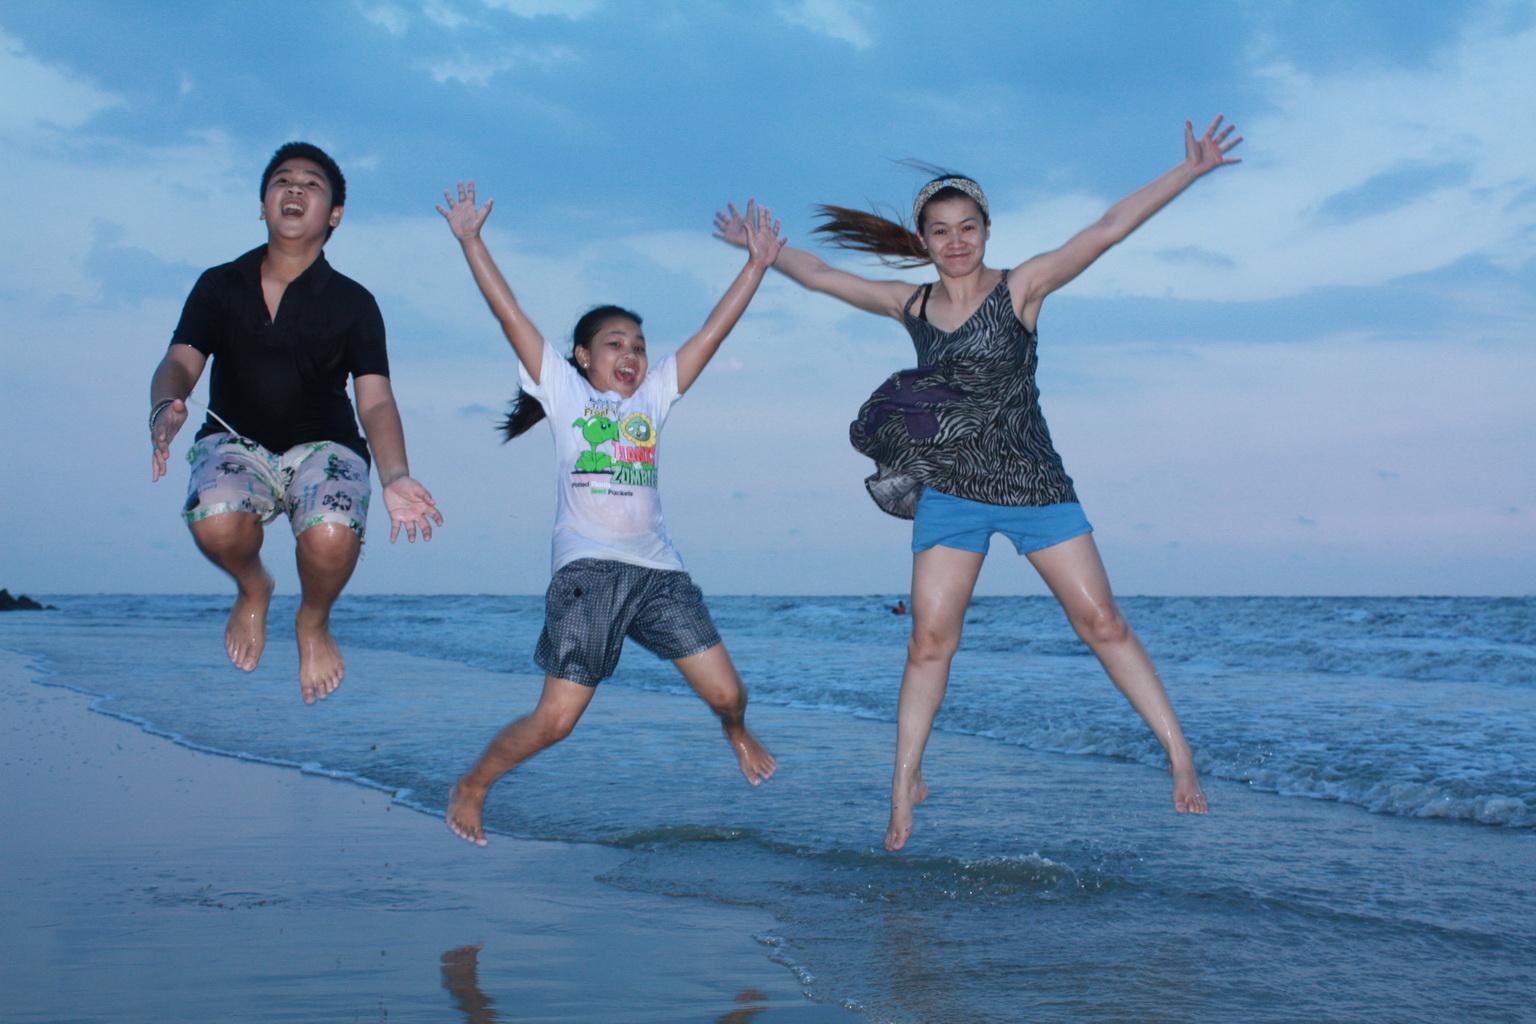 ณ. หาดเจ้าสำราญ จังหวัดเพชรบุรี